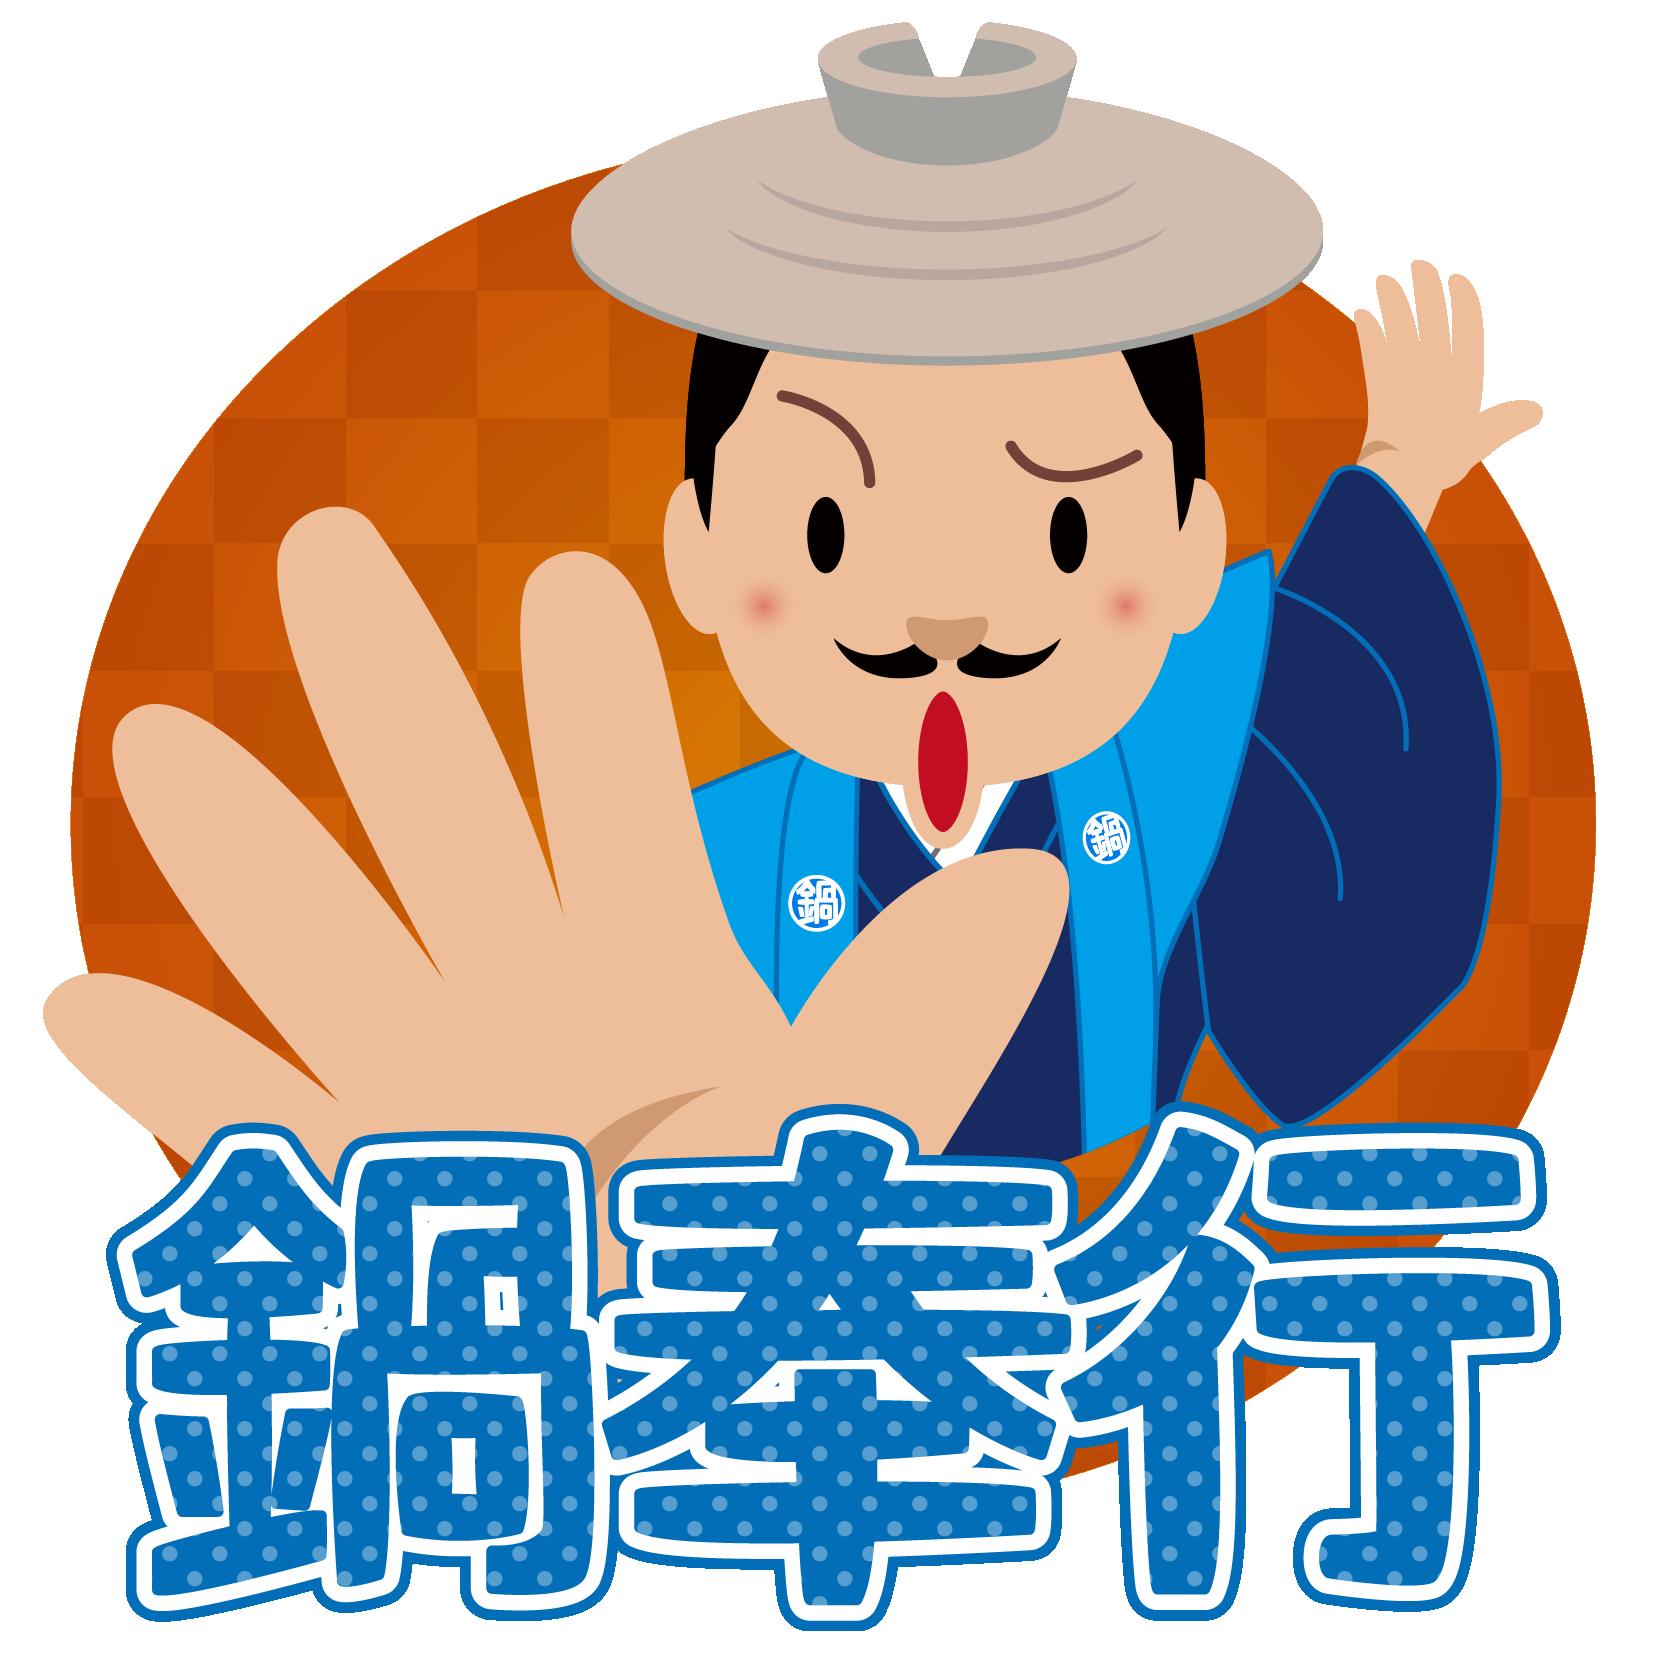 商用フリー・無料イラスト_鍋奉行_12